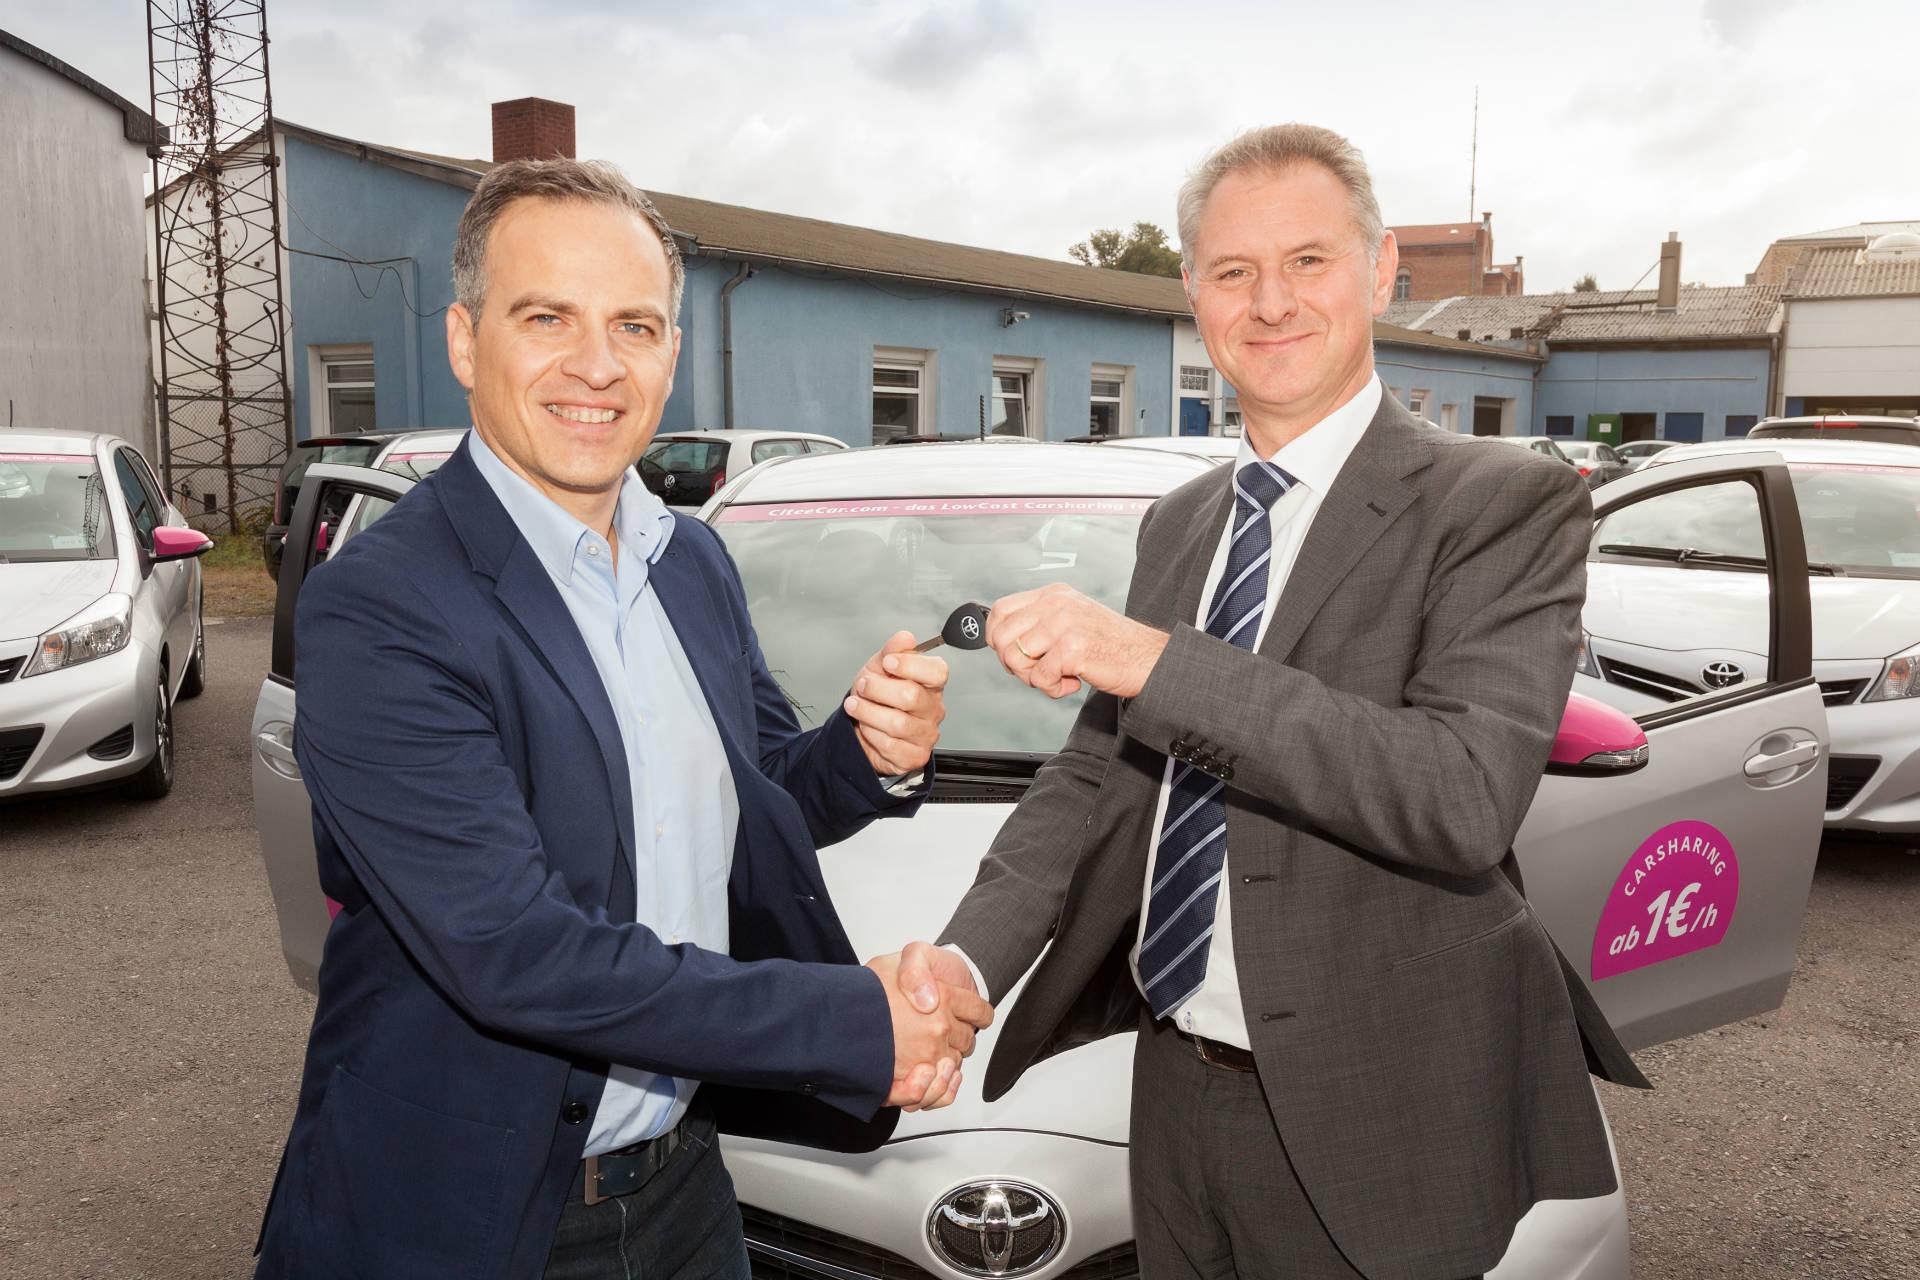 Mauro Mariani (COO CiteeCar) und Michael Heise (Geschäftskundenservice Toyota) bei der Schlüsselübergabe.